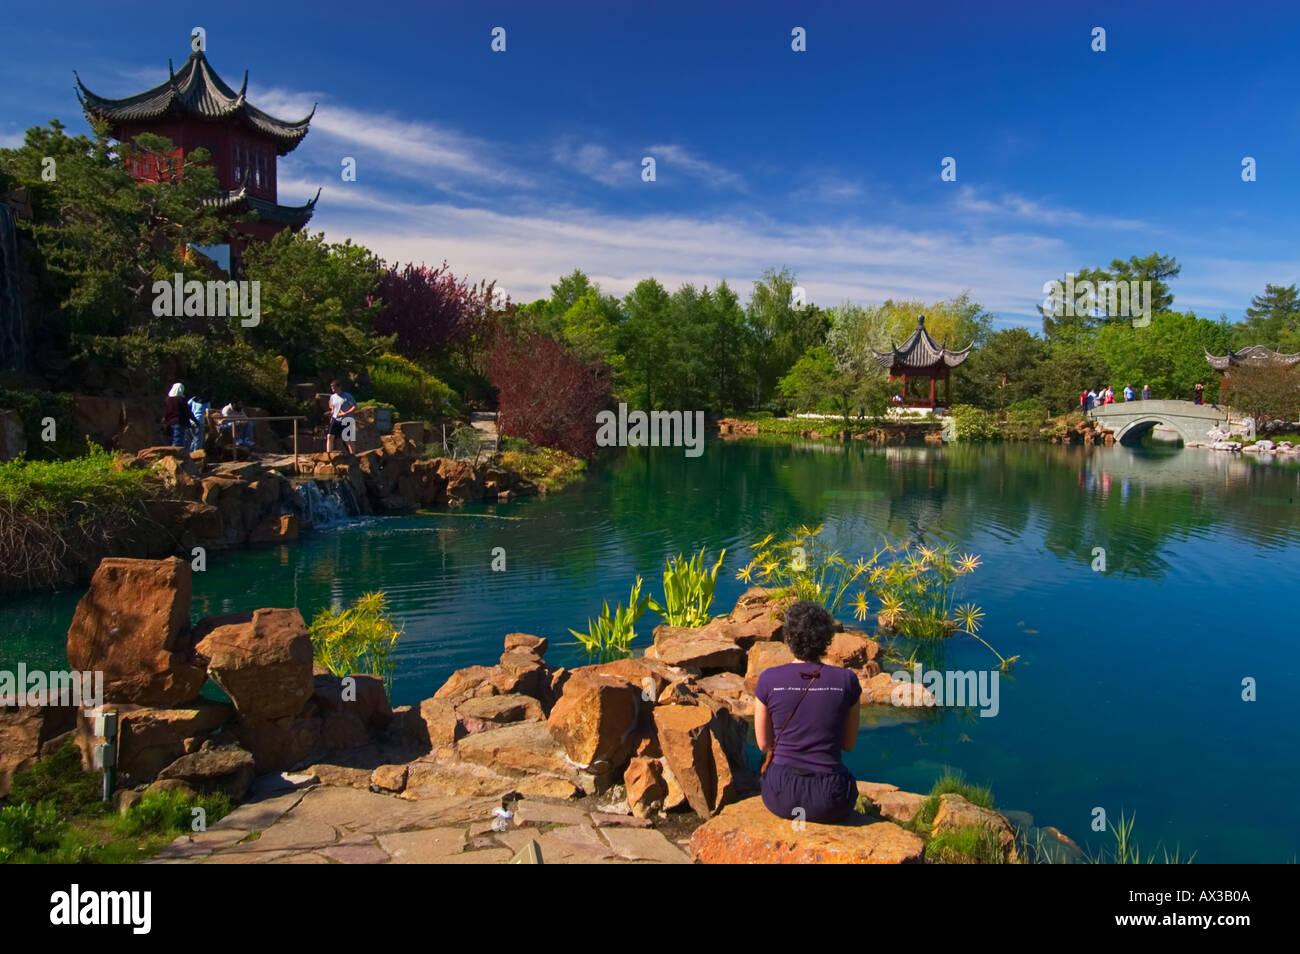 Chinese Garden, Montreal Botanical Garden, Montreal, Quebec, Canada